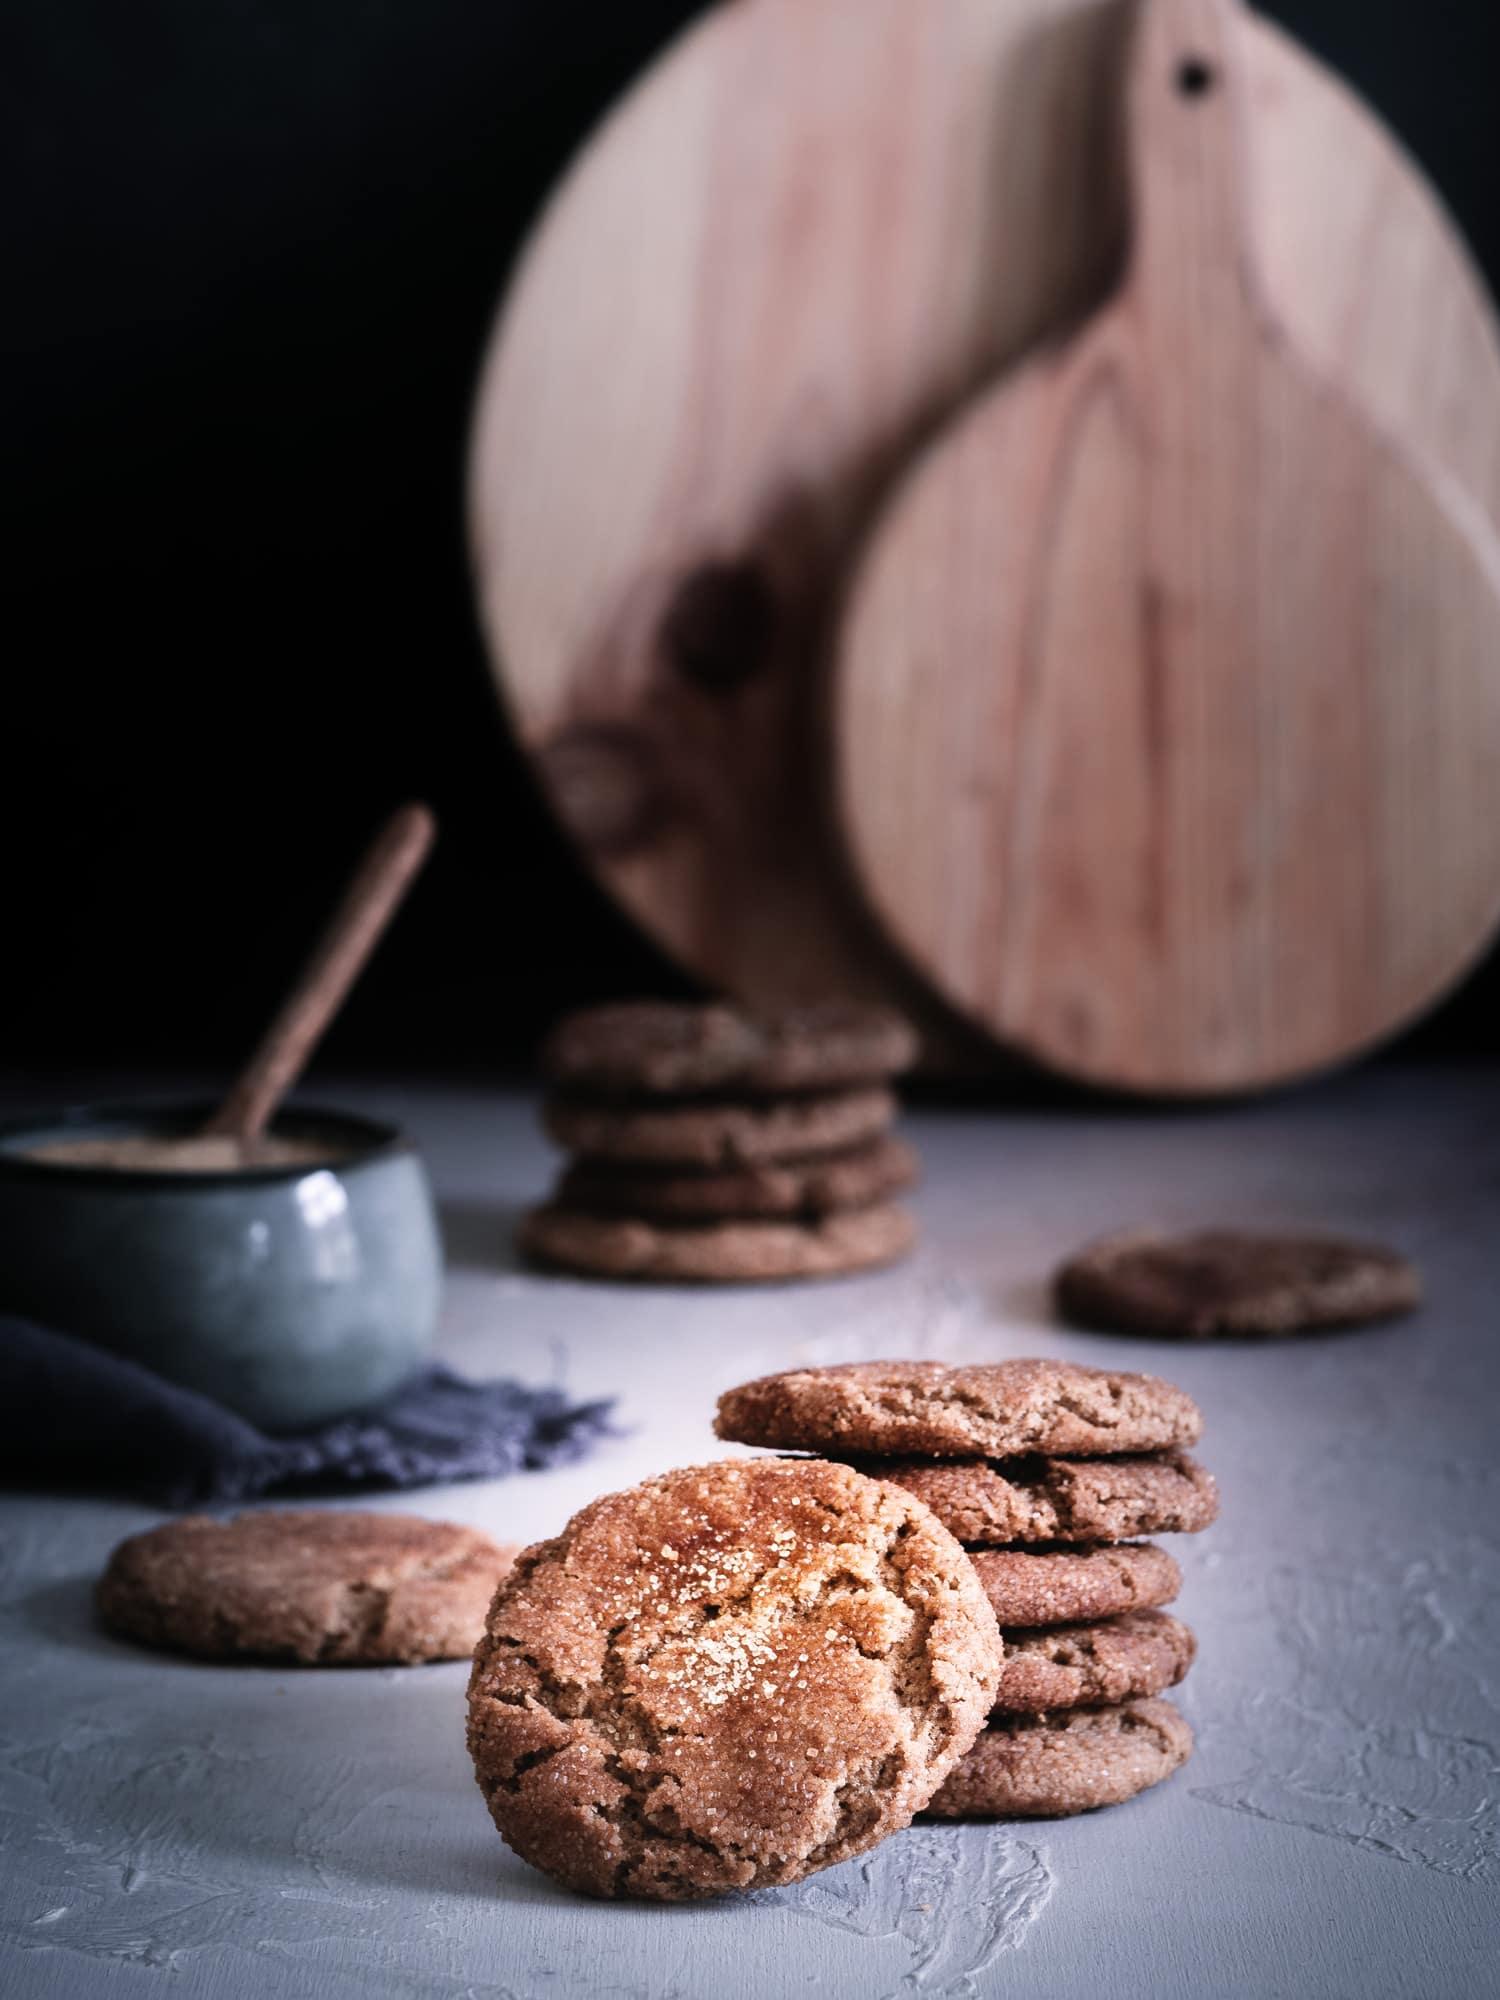 Einfache & schnelle Plätzchen für Weihnachten. Perfekt für Kinder. Mit braunem Zucker und Zimt. Gesund, ohne Schokolade, ohne Ei, vegan. #happymoodfood #plätzchenbacken #veganbacken #braunerzucker